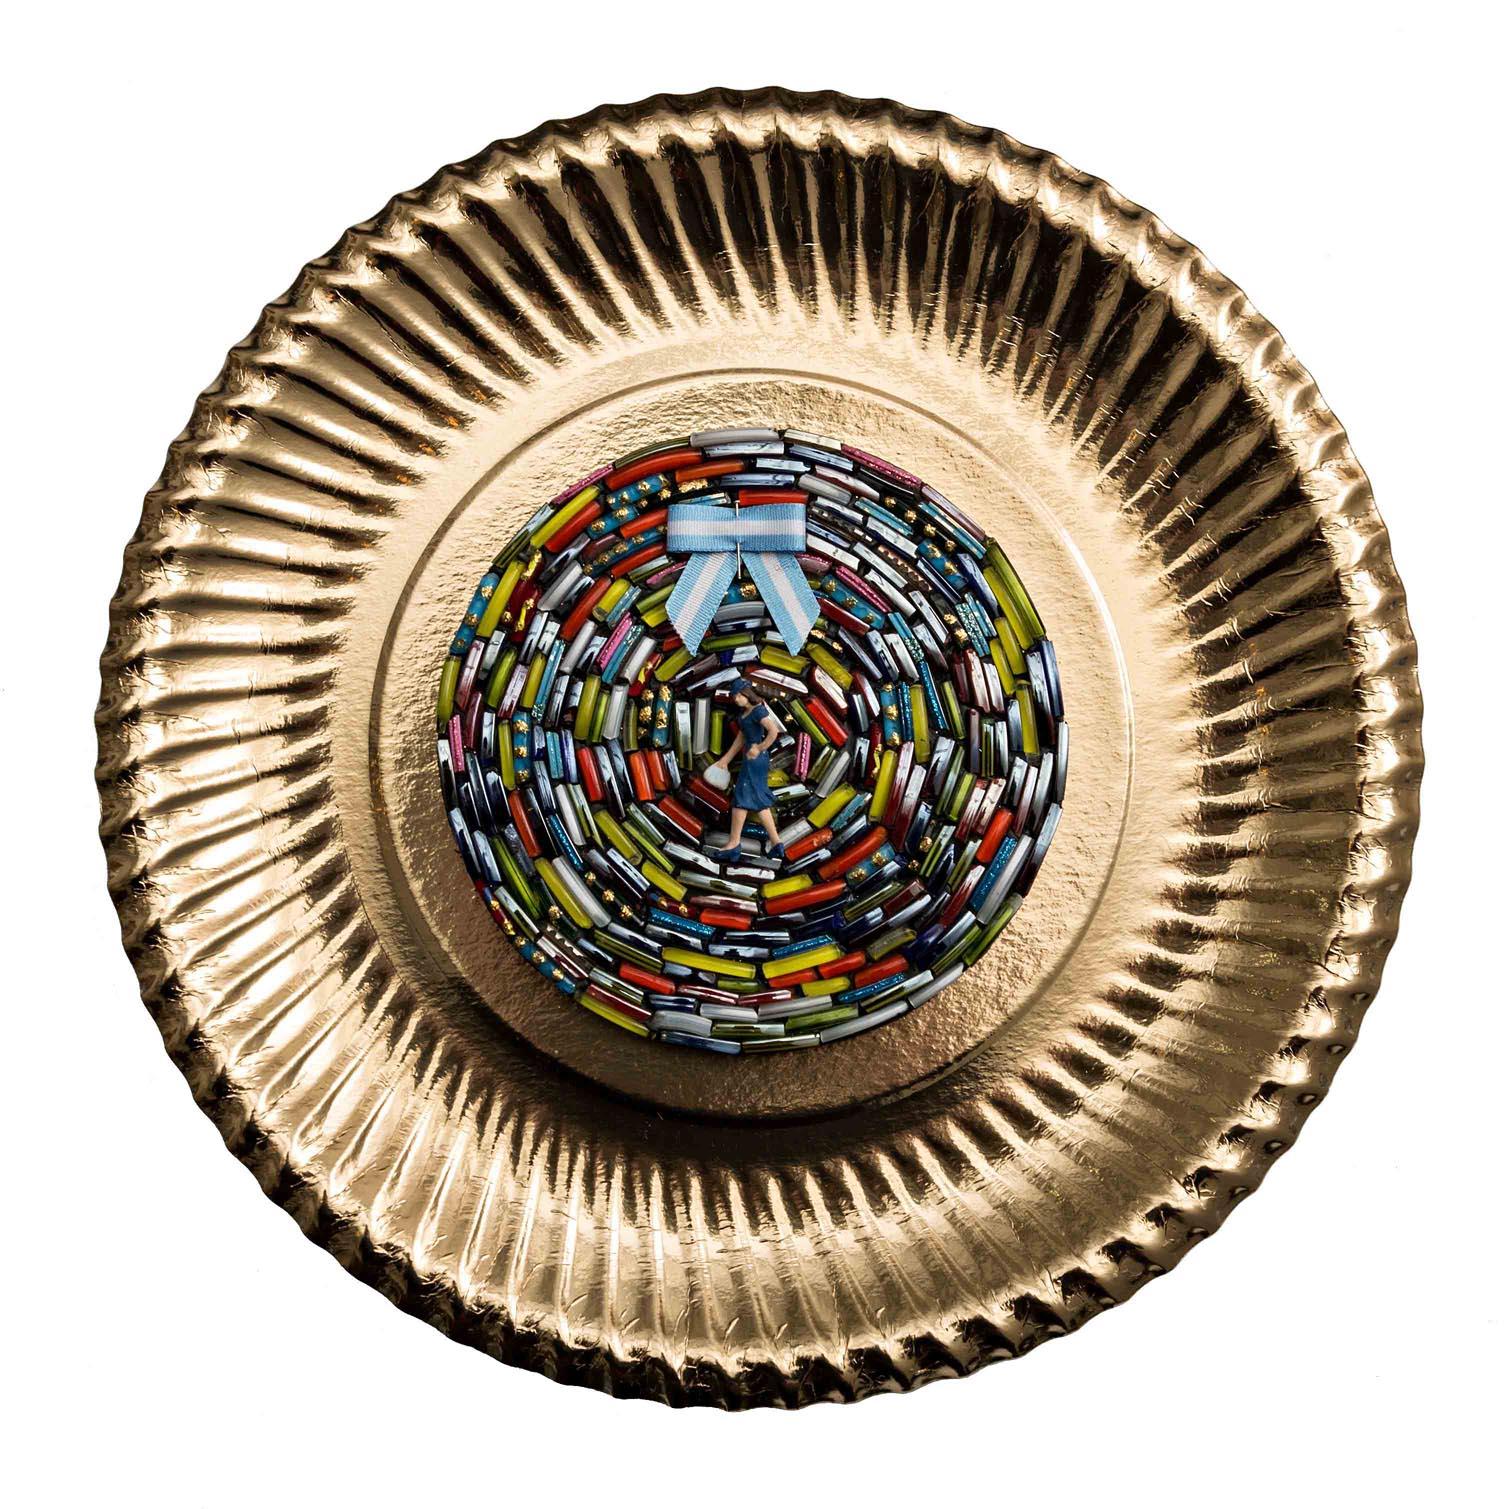 Chicas Argentinas I,  objetos ensamblados, 30 x 30 cm, 2012